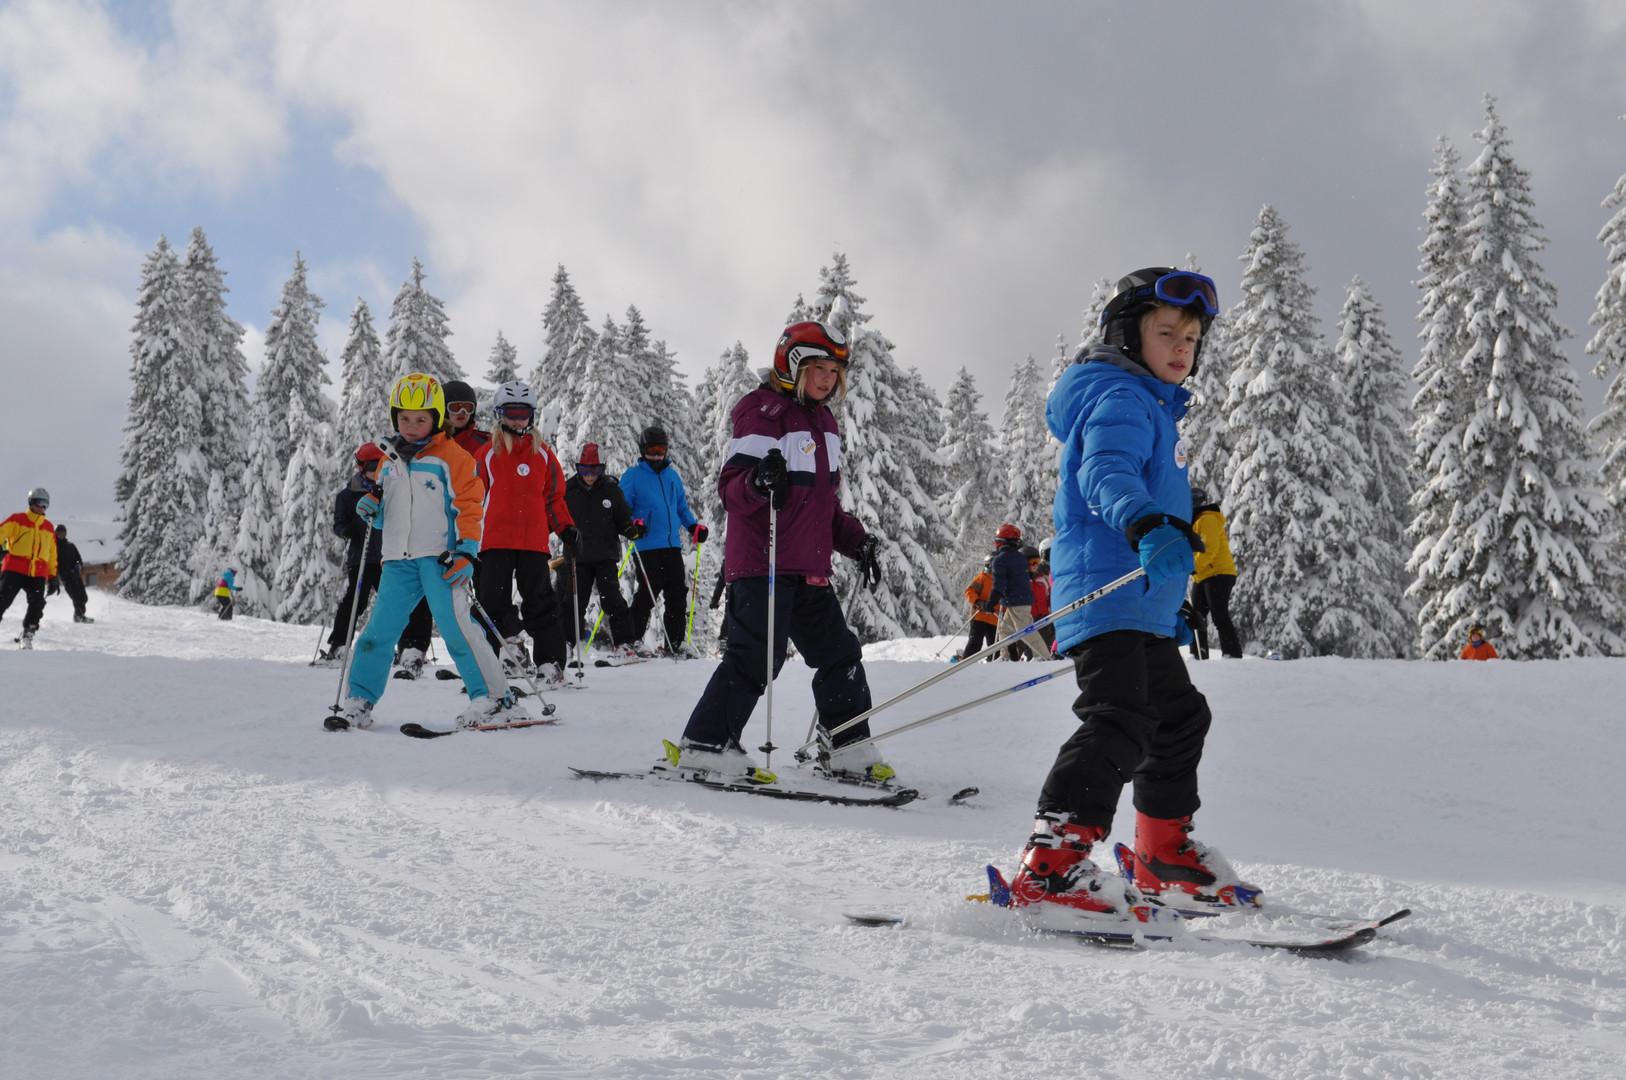 skischule_onsnow_feldberg__DSC_0178.JPG